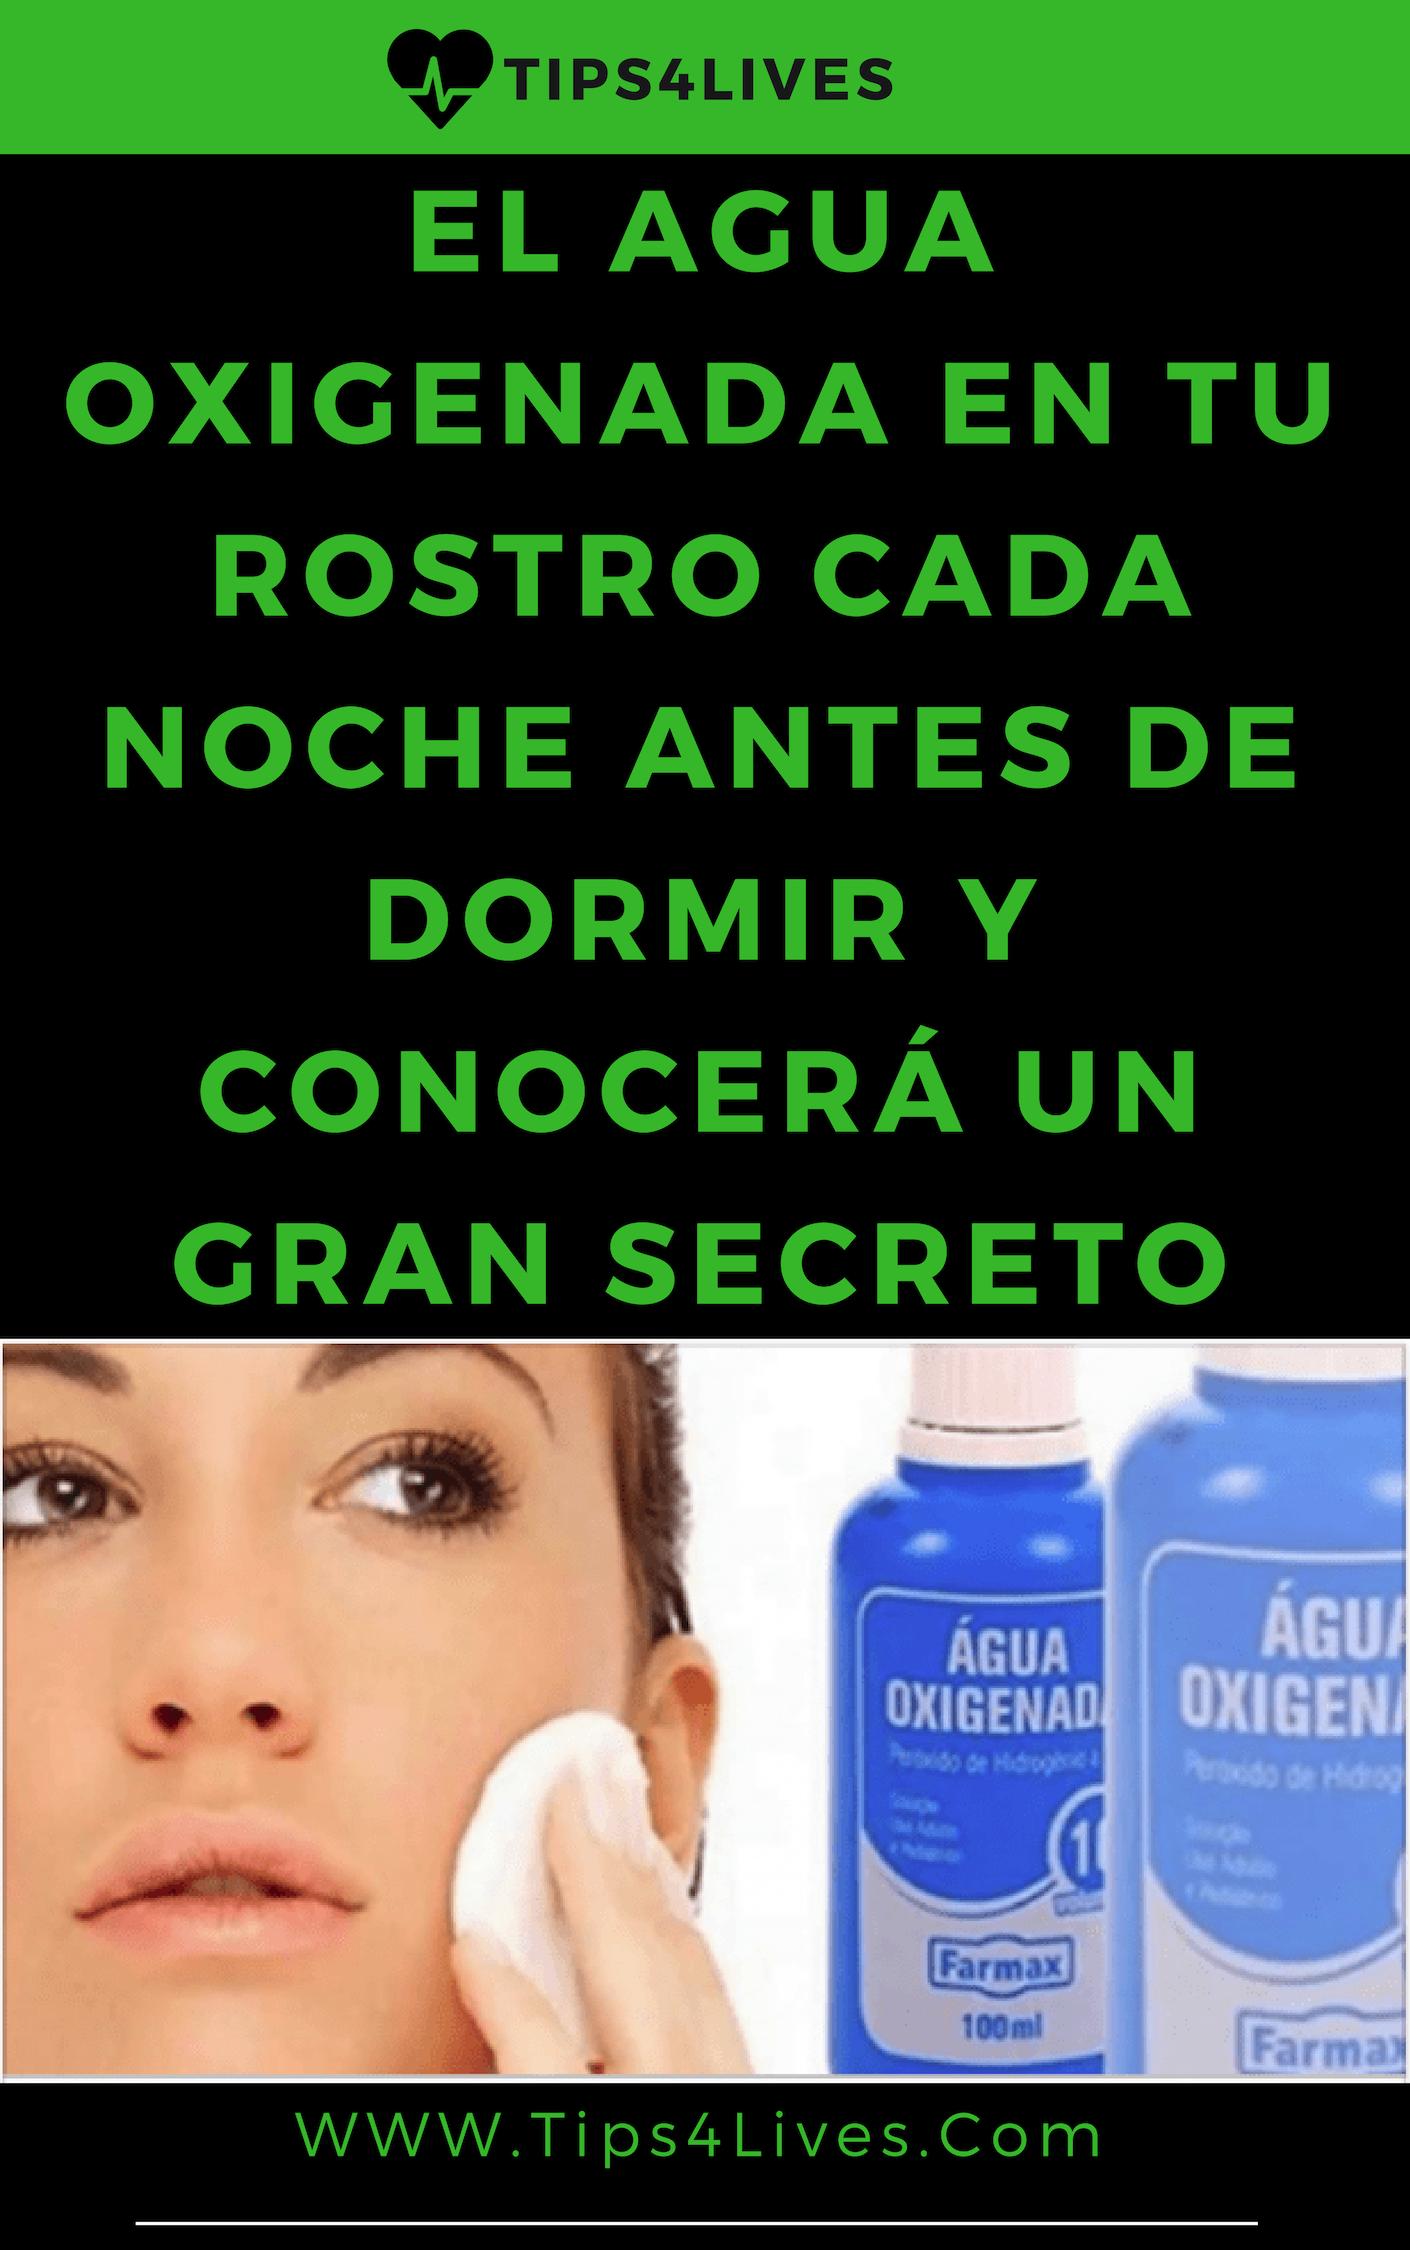 El Agua Oxigenada En Tu Rostro Cada Noche Antes De Dormir Y Conocerá Un Gran Secreto Health Health Care Home Remedies